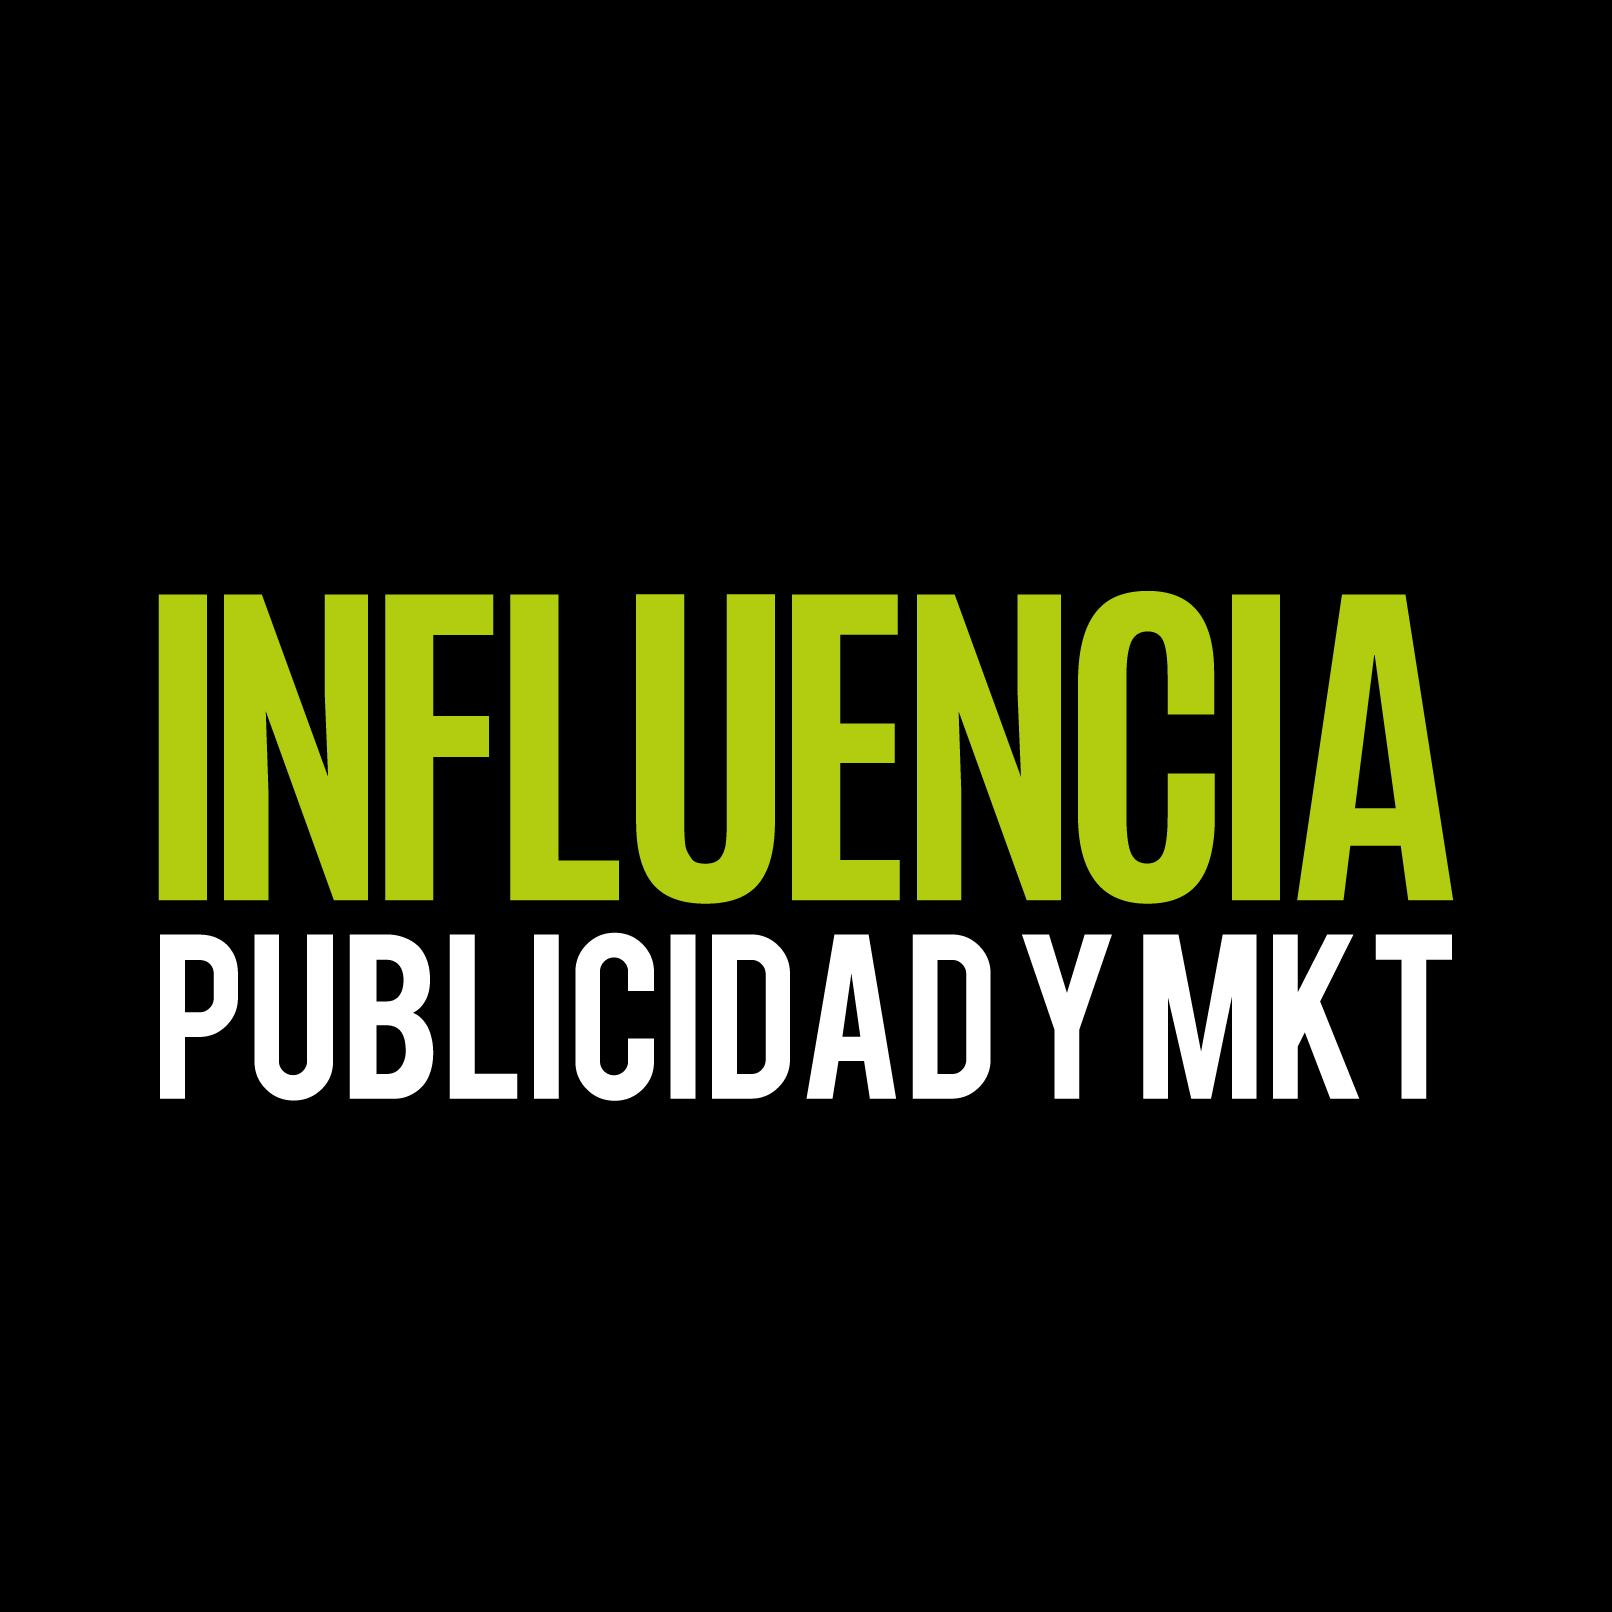 INFLUENCIA PUBLICIDAD | DISEÑO DE LOGOS